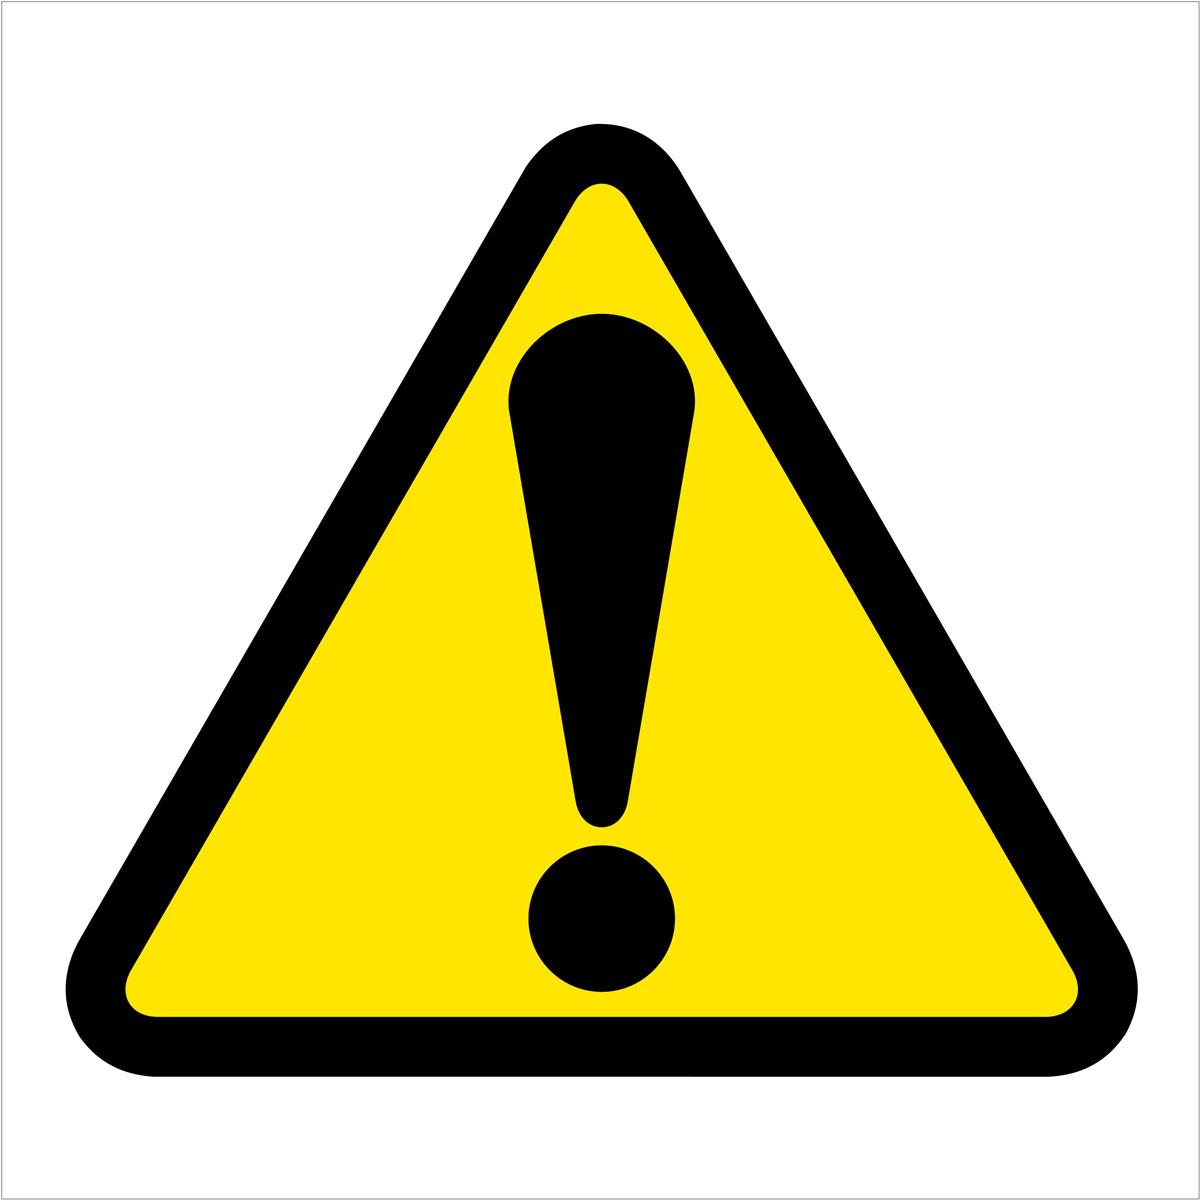 Die 10 gefährlichsten Industrieberufe